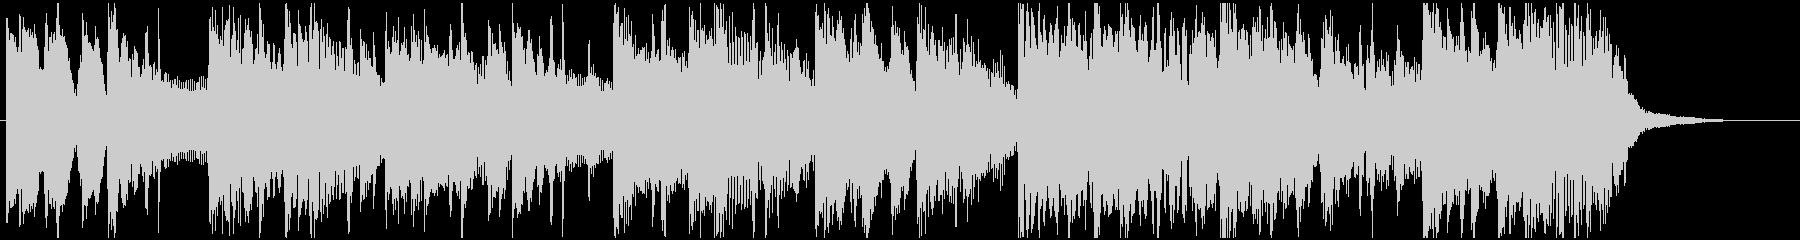 洋楽 R&Bジングル ピアノ サックスの未再生の波形